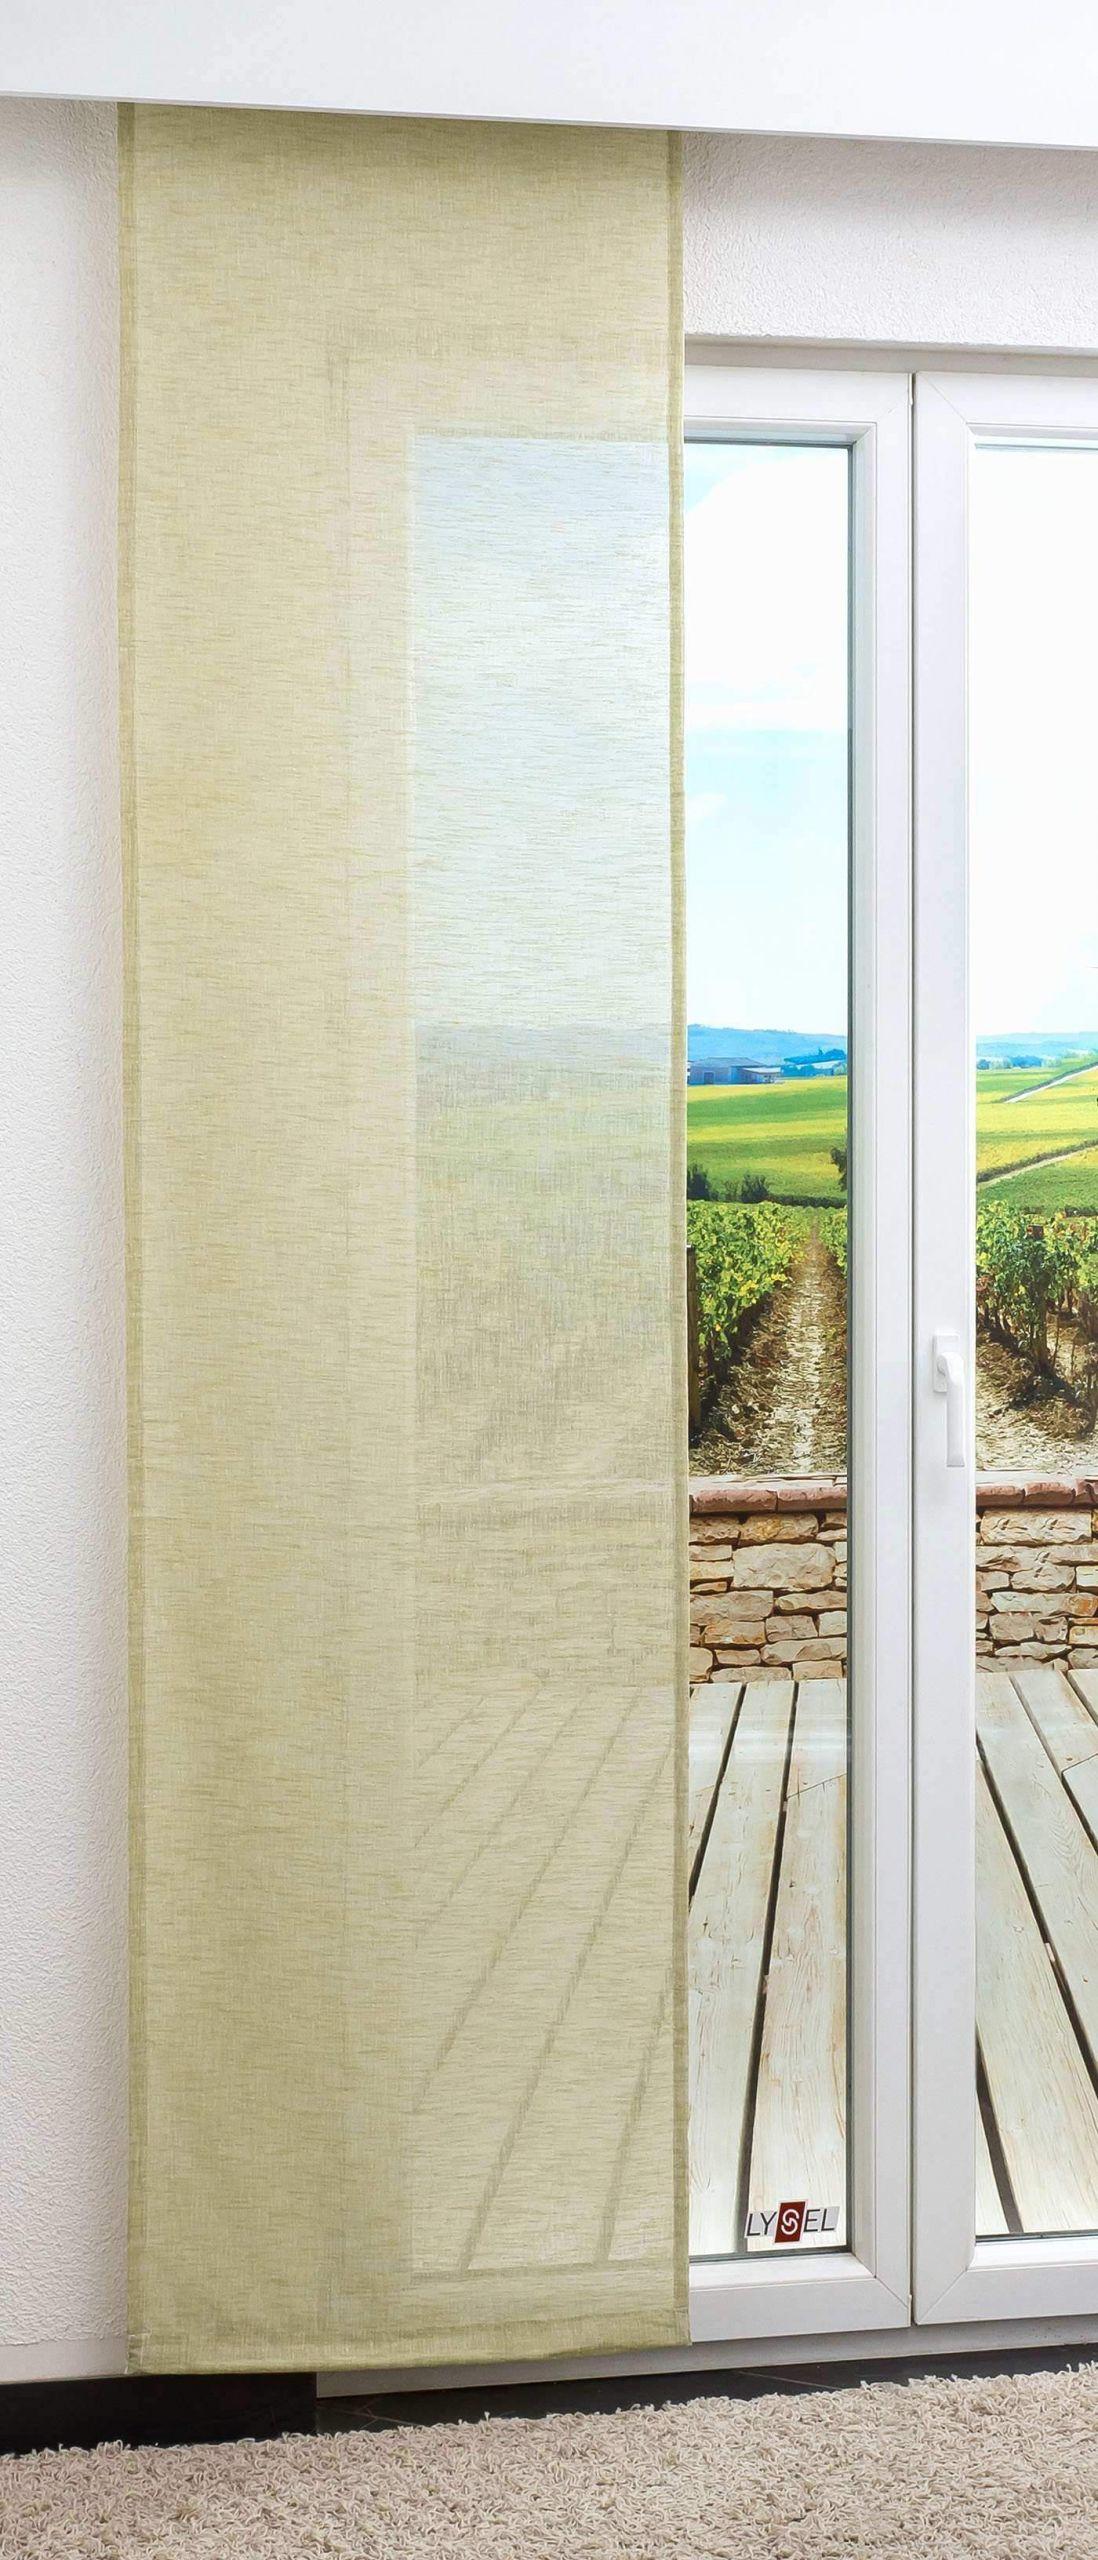 sichtschutz wohnzimmer einzigartig 50 beste von moderne rollos wohnzimmer ideen of sichtschutz wohnzimmer